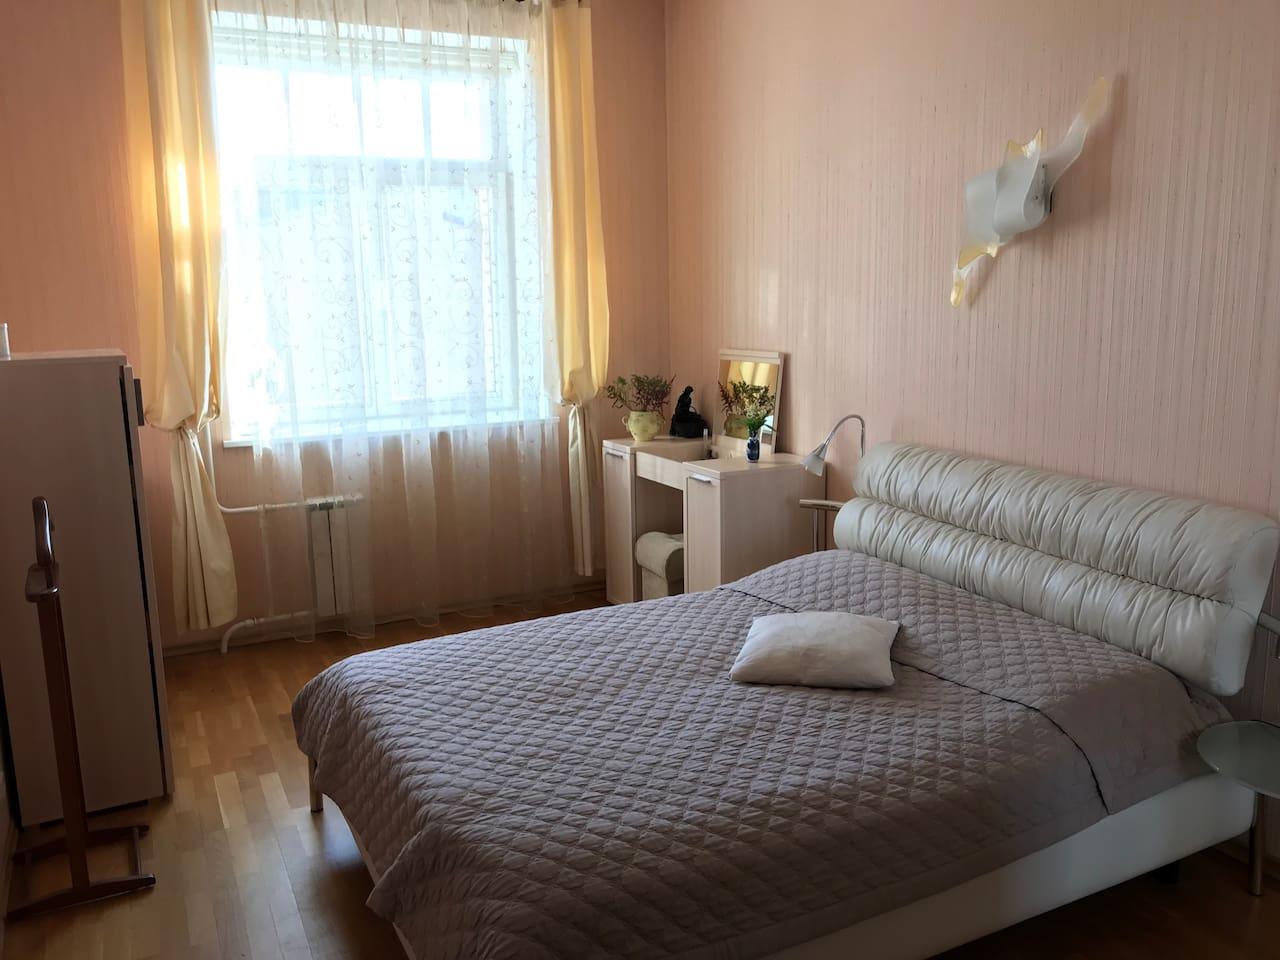 Роскошная спальная комната.